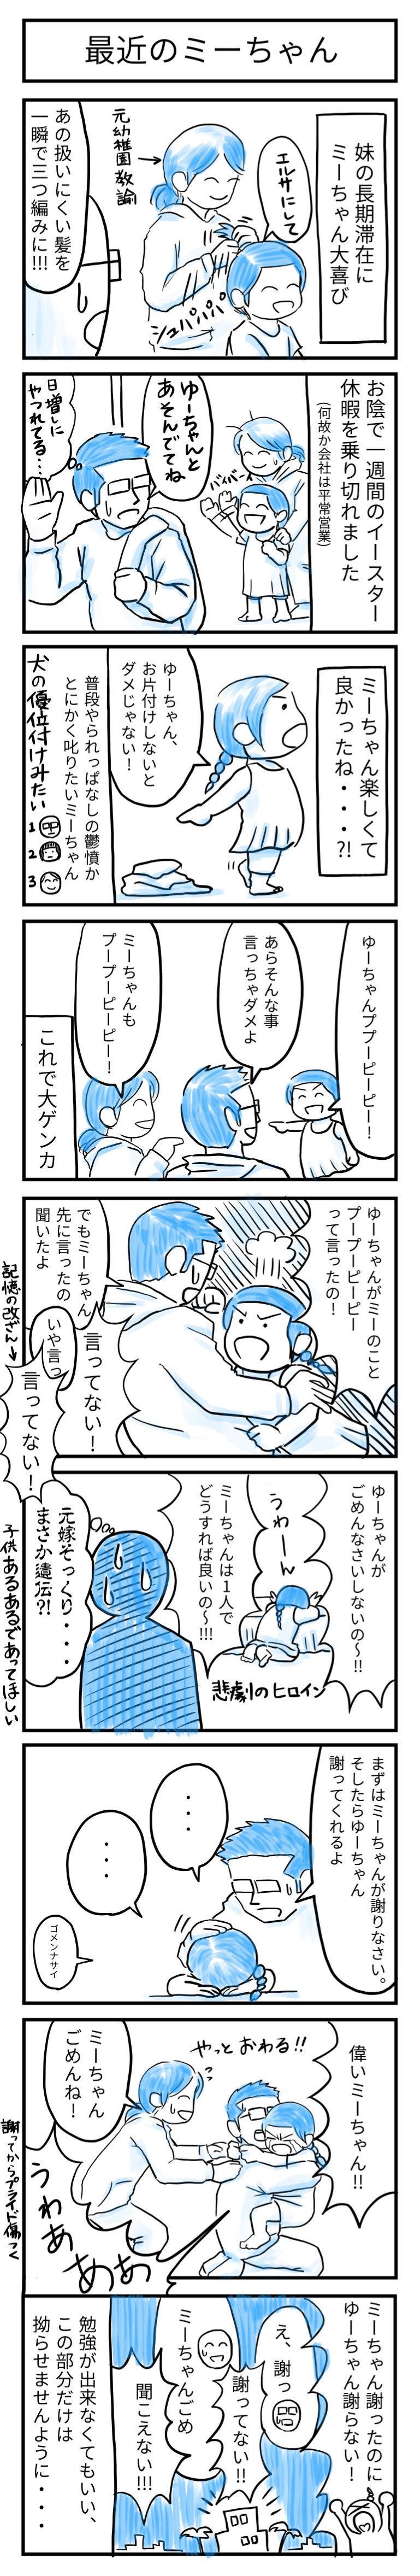 031_最近のミーちゃん_half